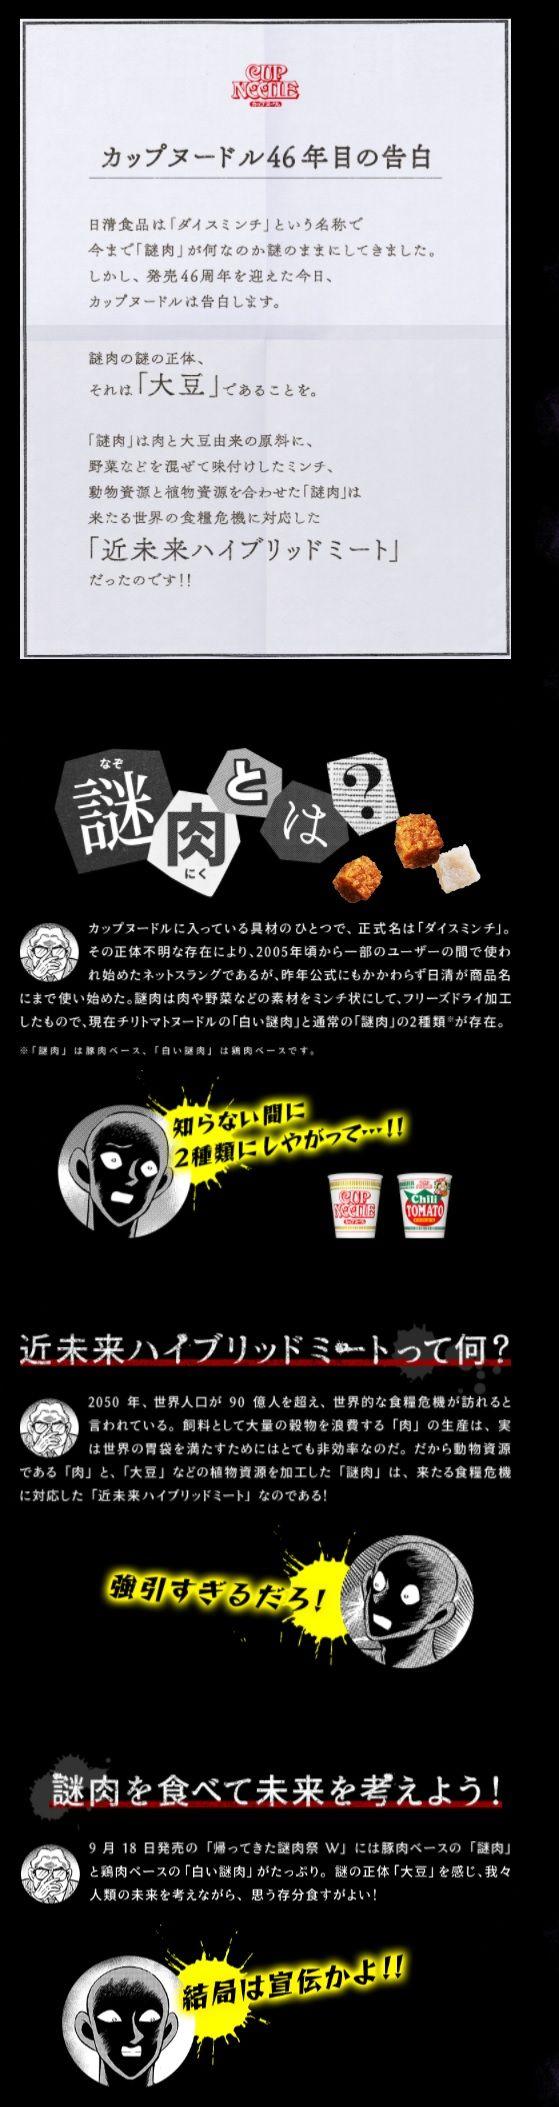 名探偵コナン カップヌードル 謎肉 大豆に関連した画像-04